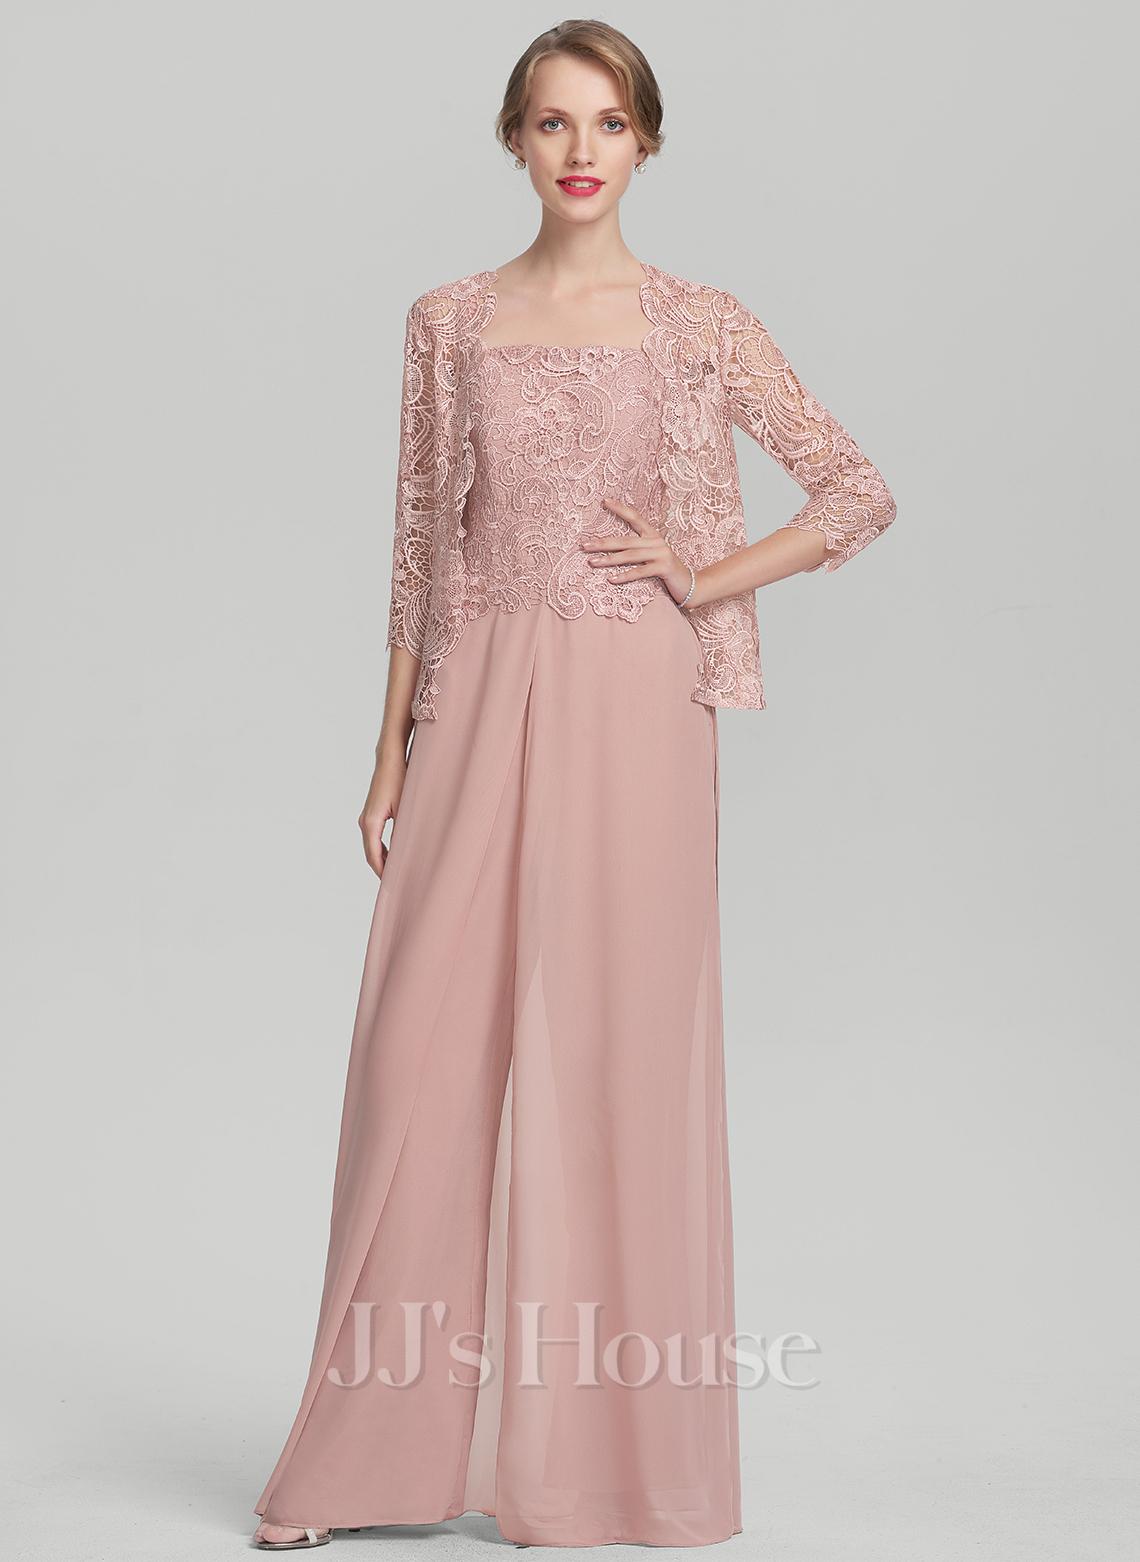 Jumpsuit/Pantsuit Square Neckline Floor-Length Chiffon Lace Mother of the Bride Dress